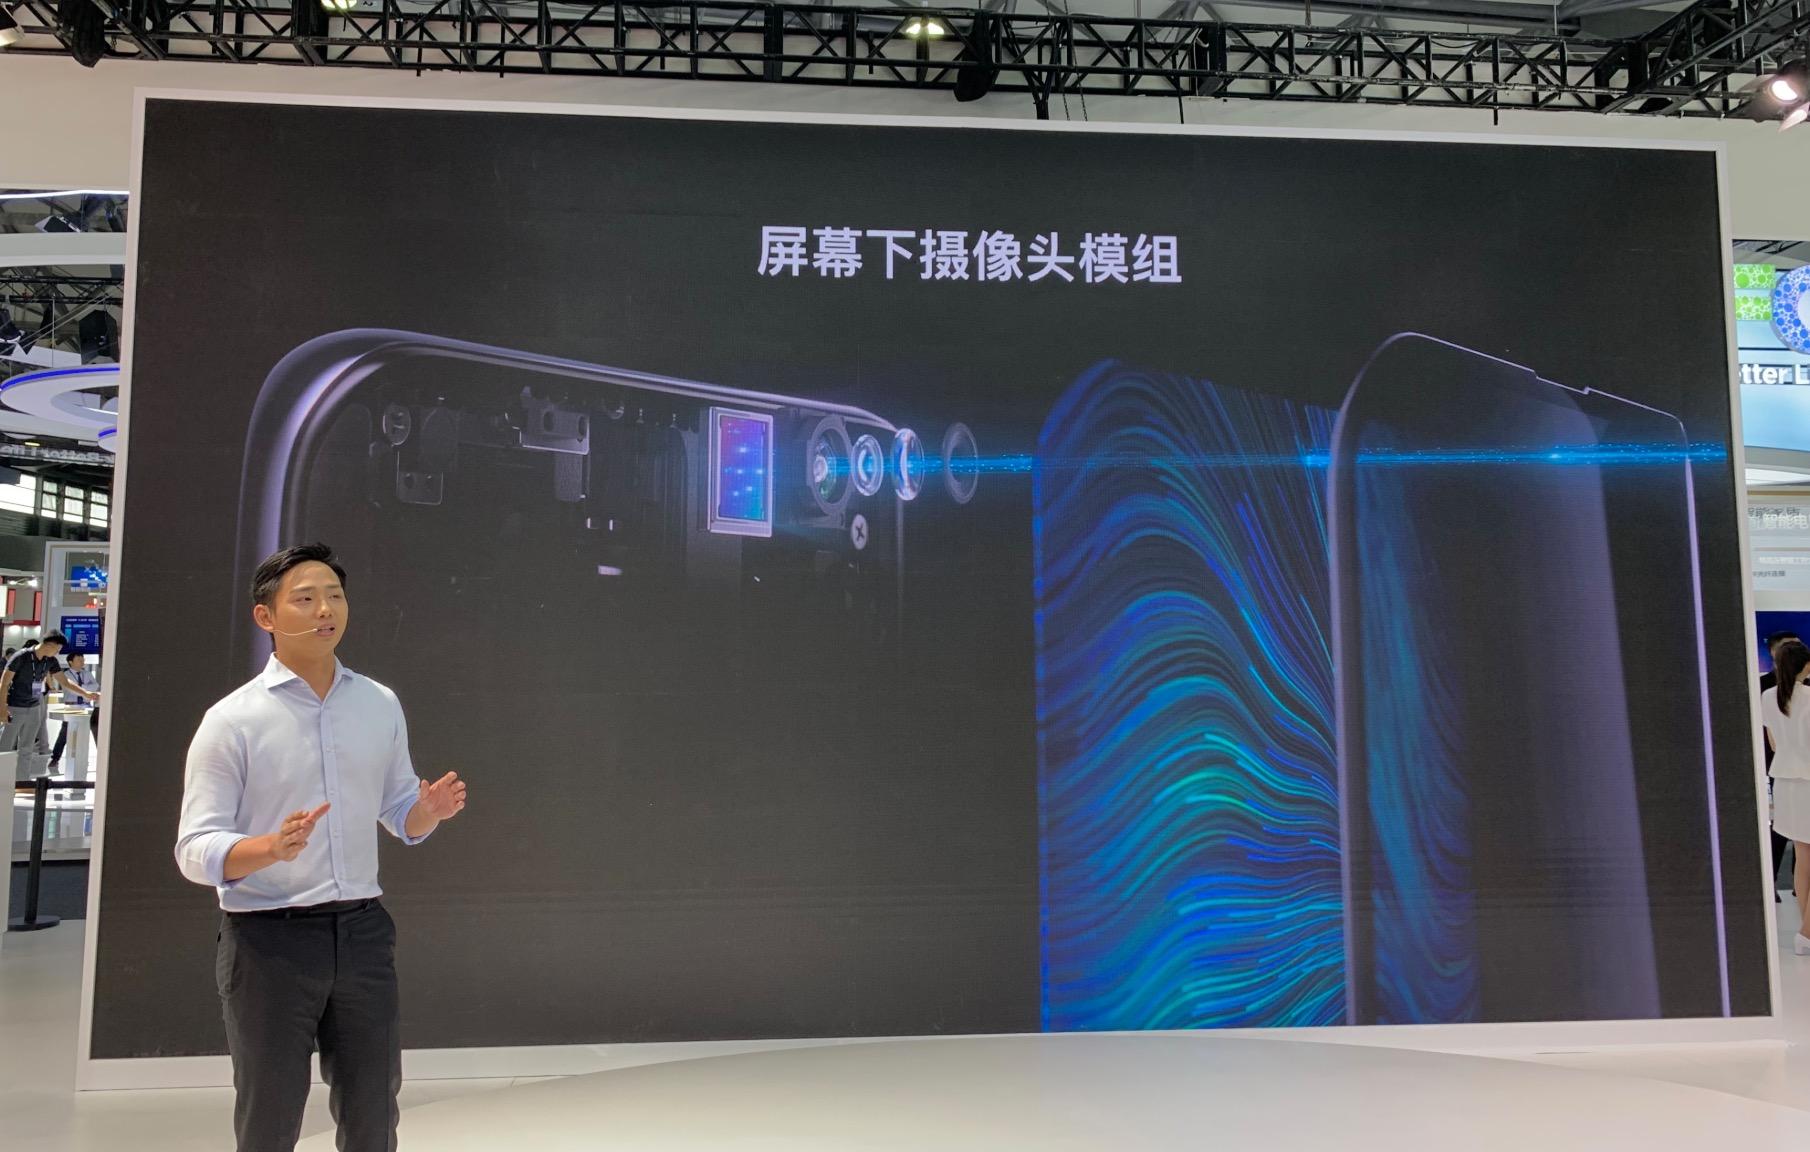 OPPO chính thức trình làng smartphone sử dụng công nghệ camera selfie ẩn hiện dưới màn hình